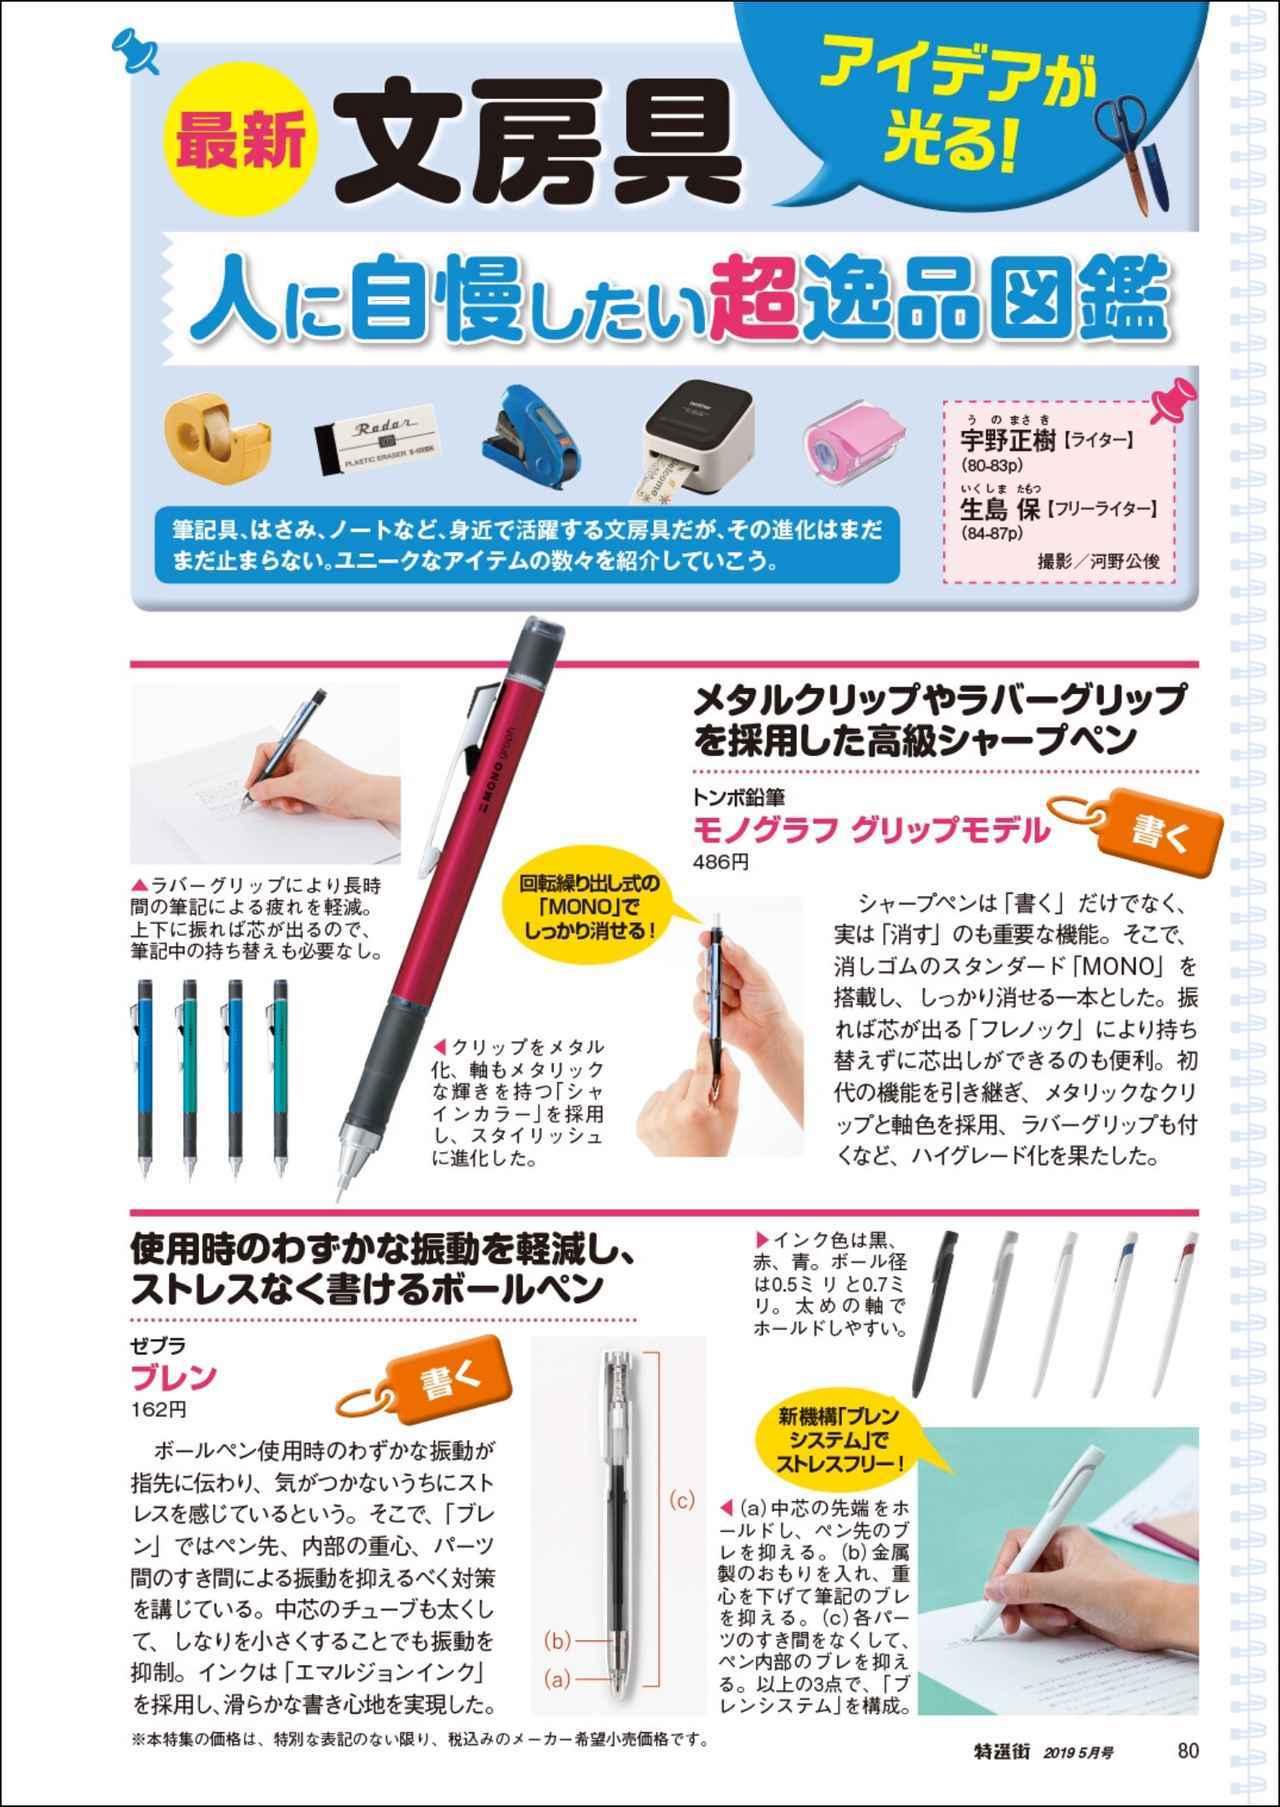 画像5: 「4Kテレビ&4K放送」を完全ガイド 特選街5月号が発売!